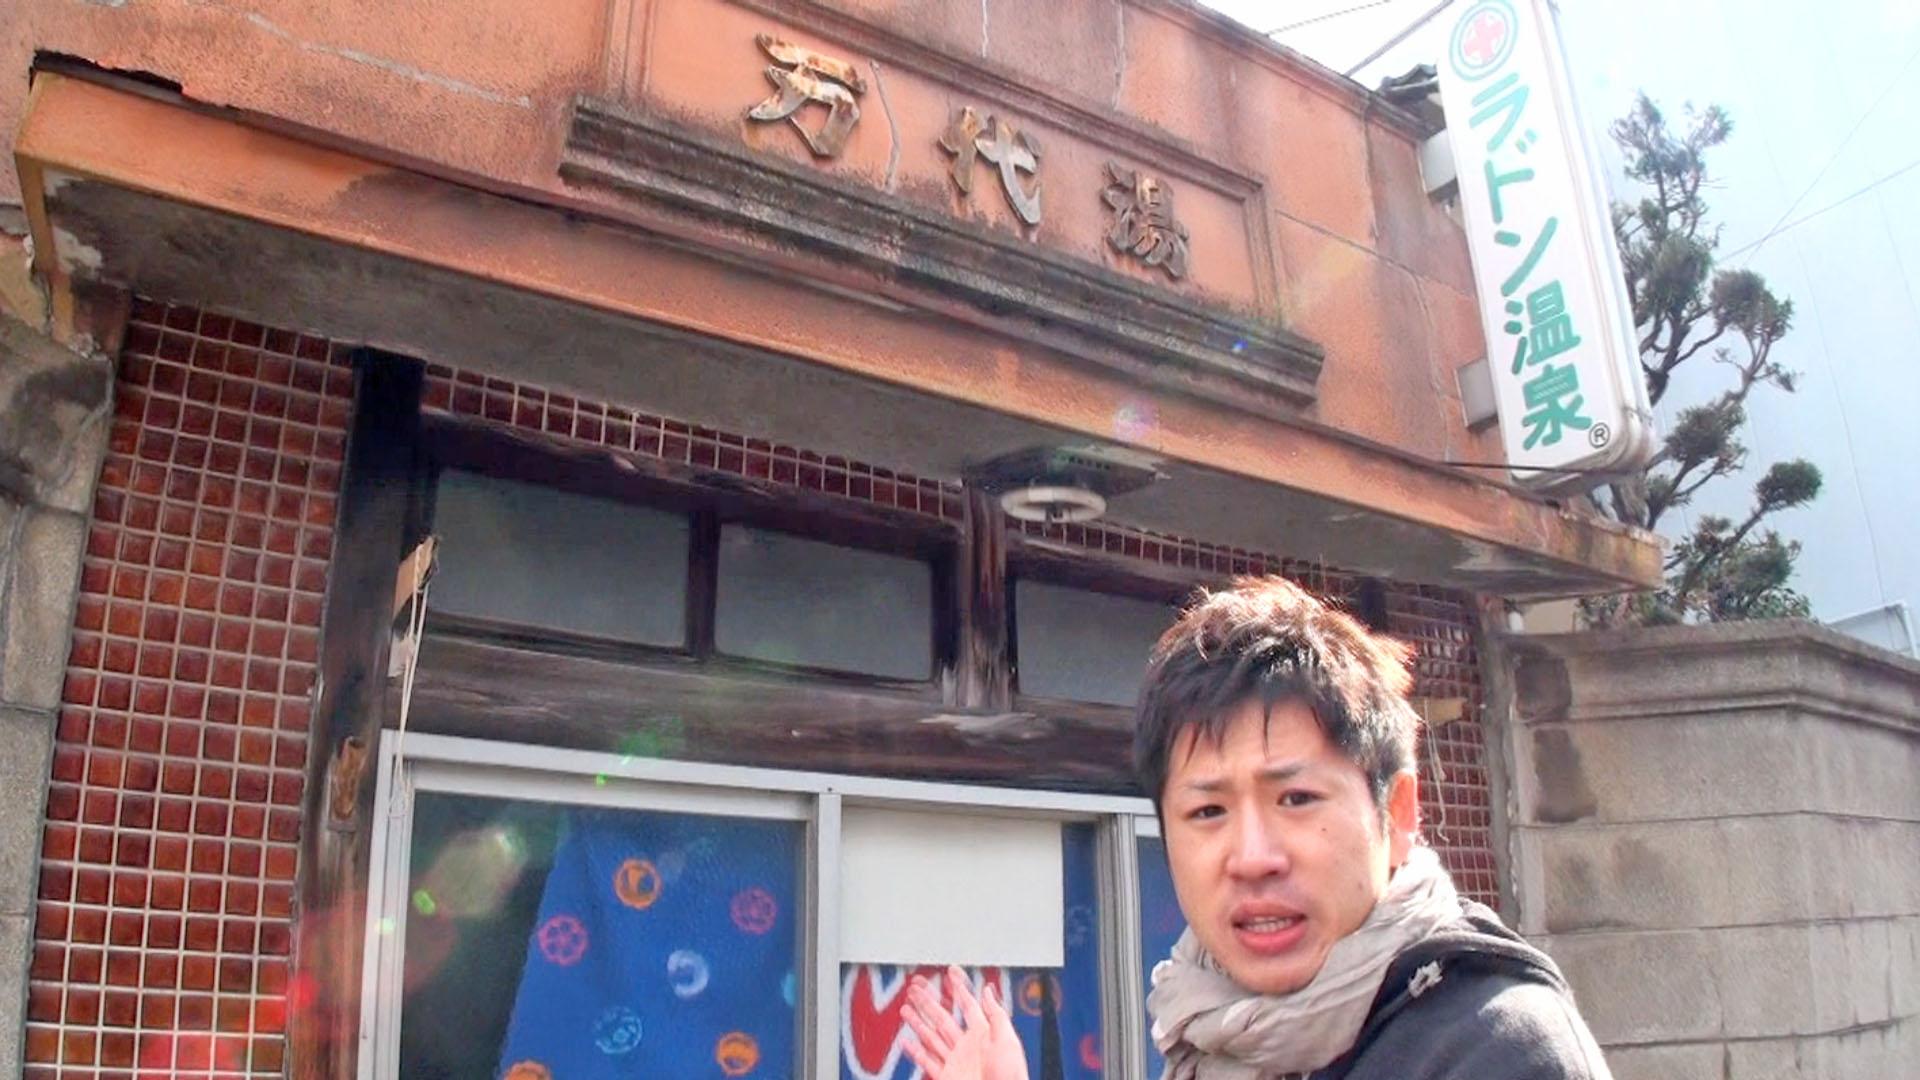 レトロな銭湯を中国人が初体験!日本独特のお風呂文化にビックリ